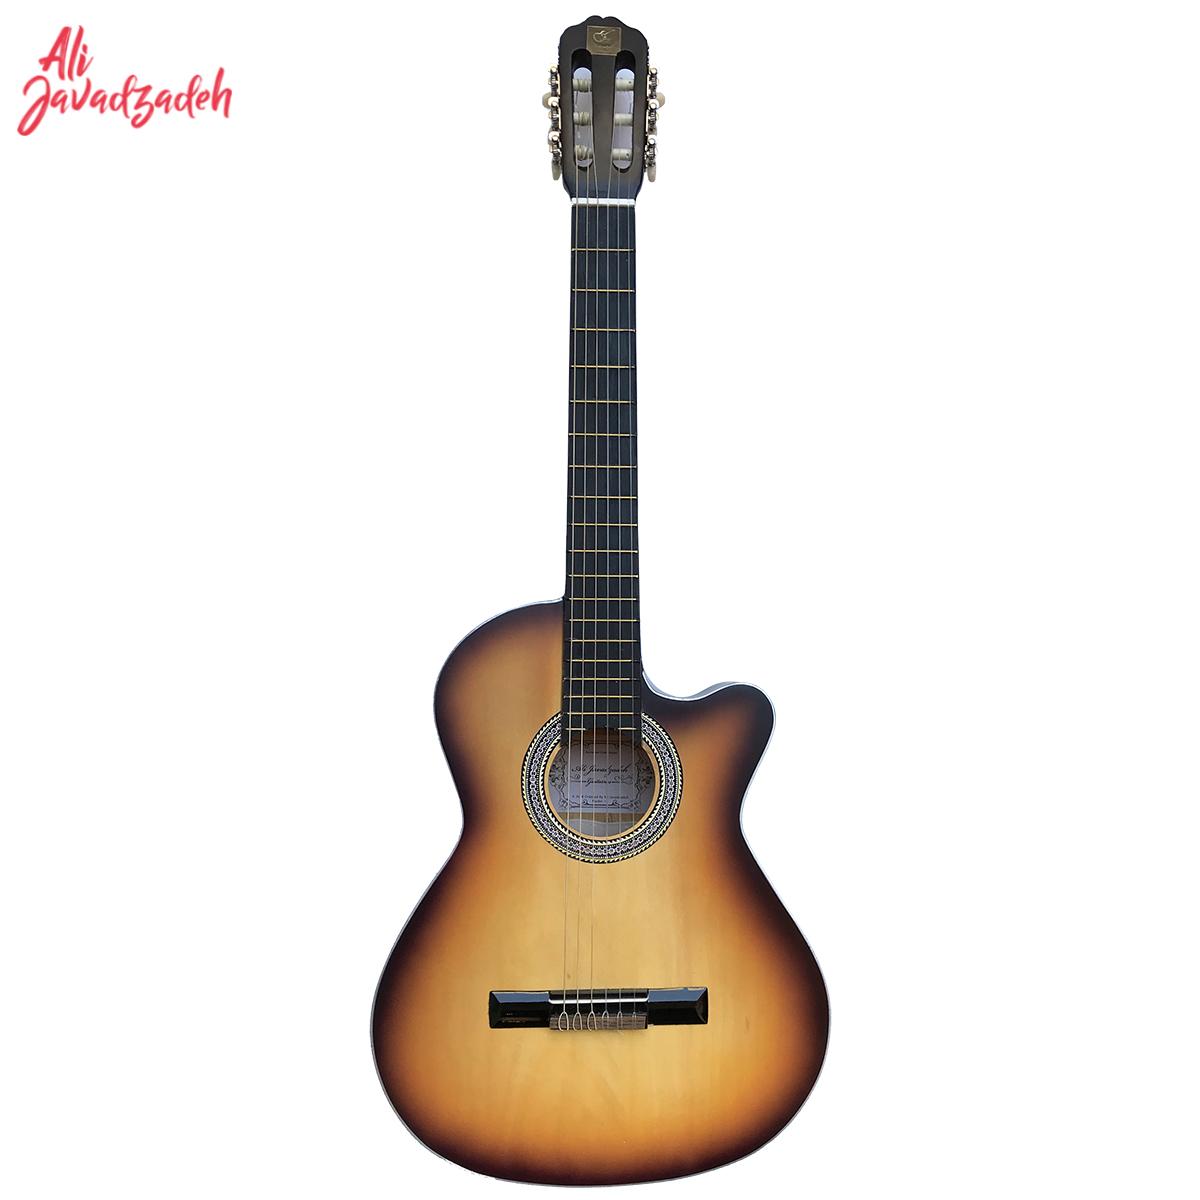 گیتار کلاسیک علی جوادزاده مدل 1C-23